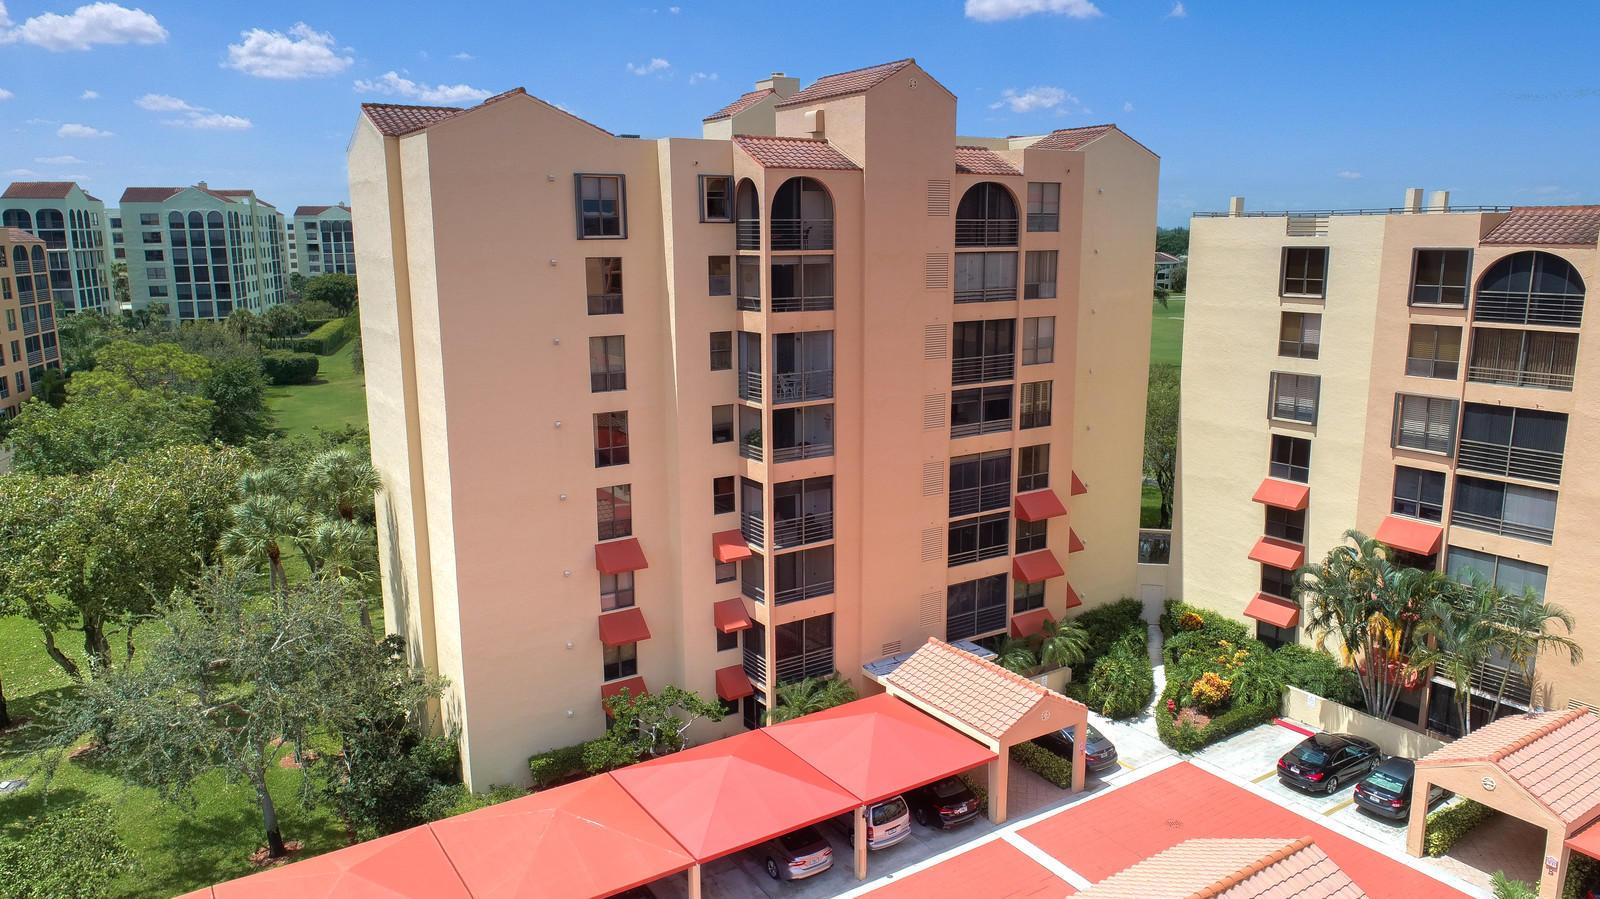 7129 Promenade Drive #701 Boca Raton, FL 33433